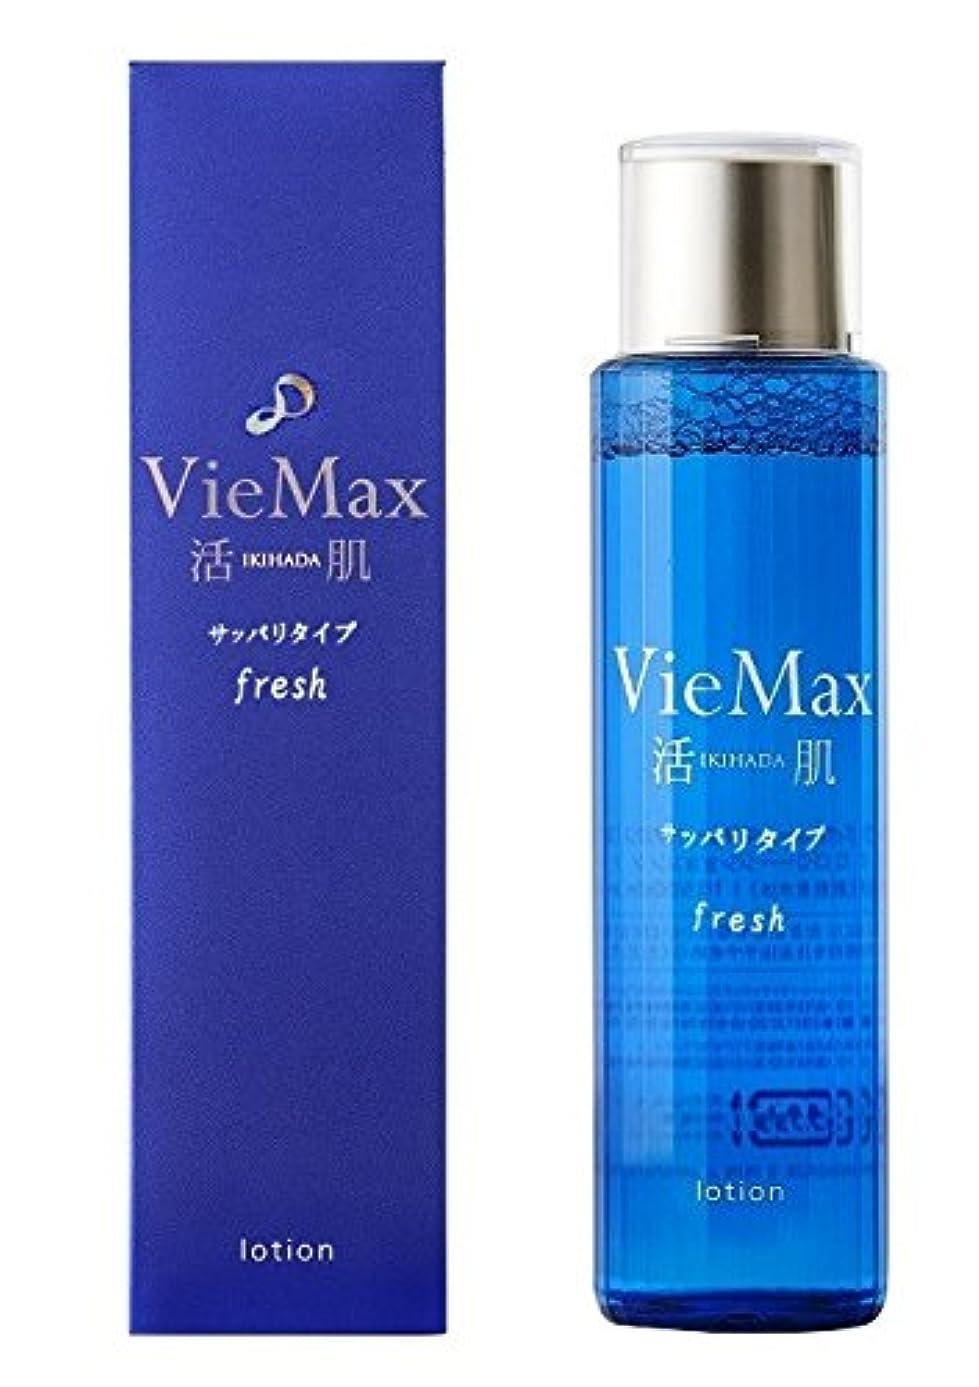 人里離れた時系列本物のヴィーマックスローション(化粧水)150ml fresh